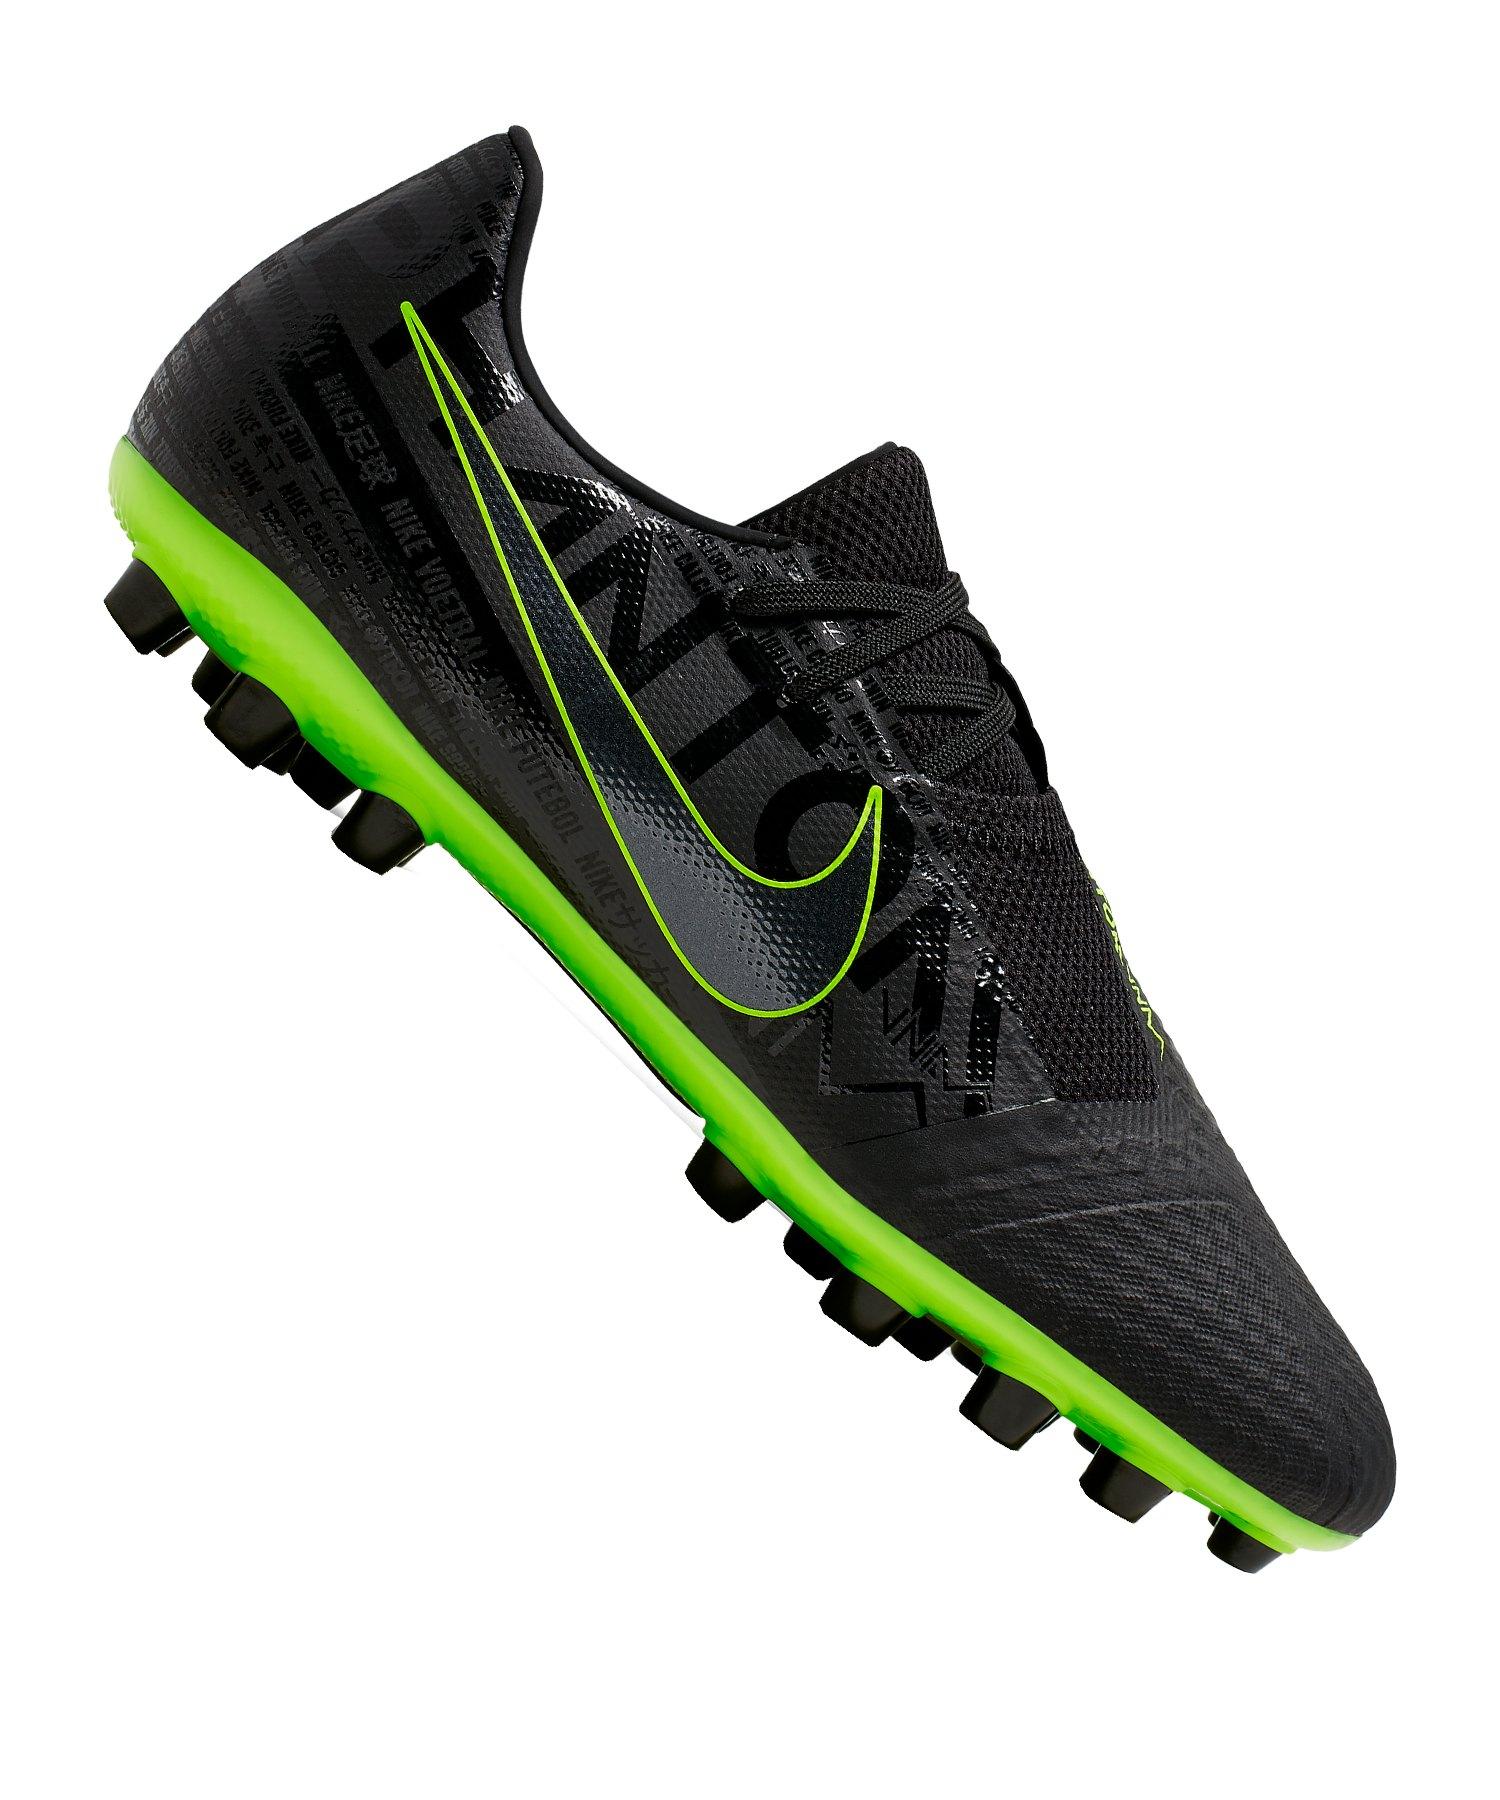 Rabatt Nike Air Max 2016 Herren Schwarz Blau Orangeählen